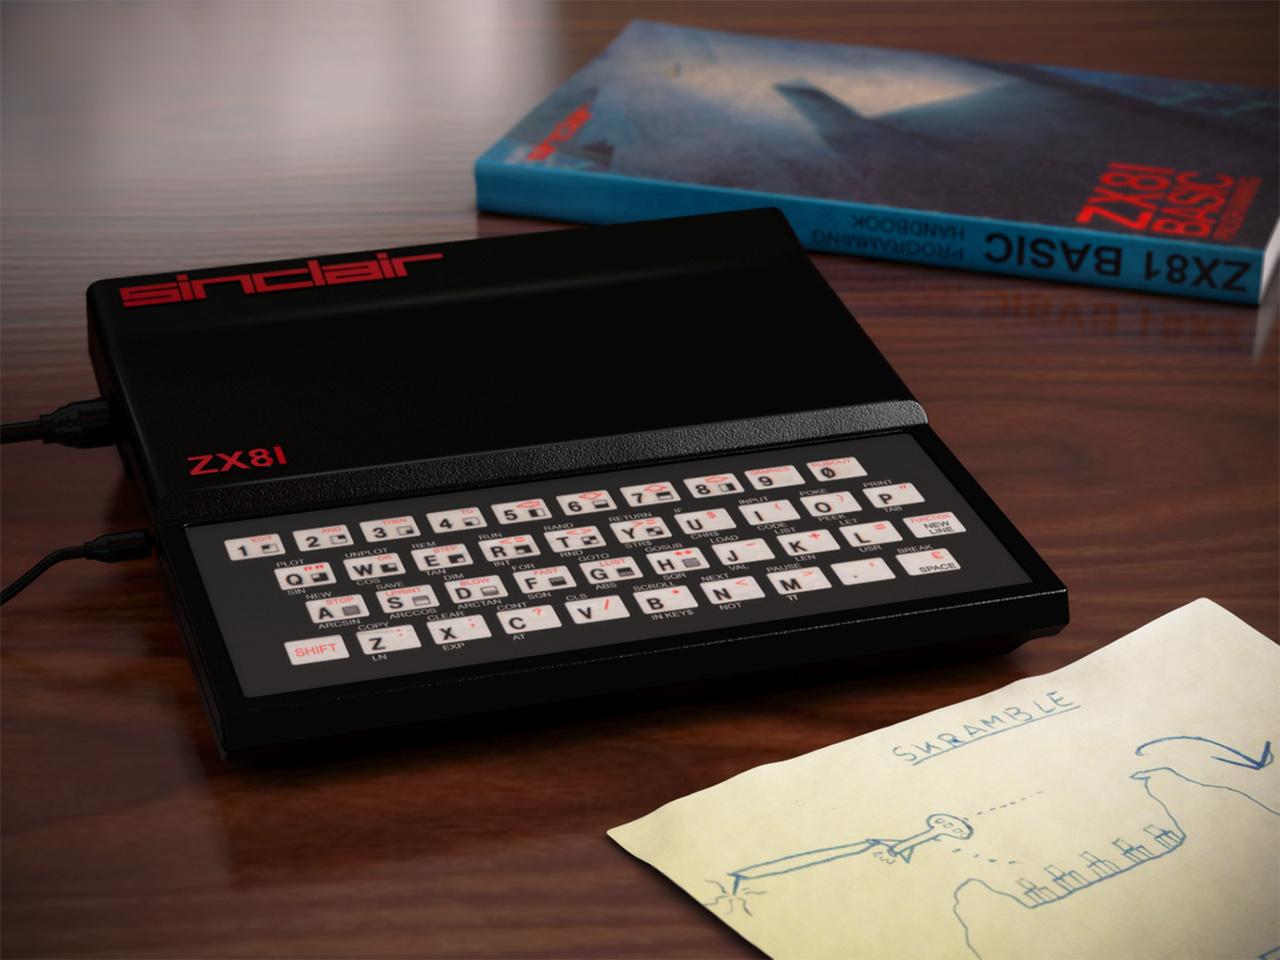 Der ZX81 des britischen Herstellers Sinclair. (Bild: René Achter, 3DPeek)